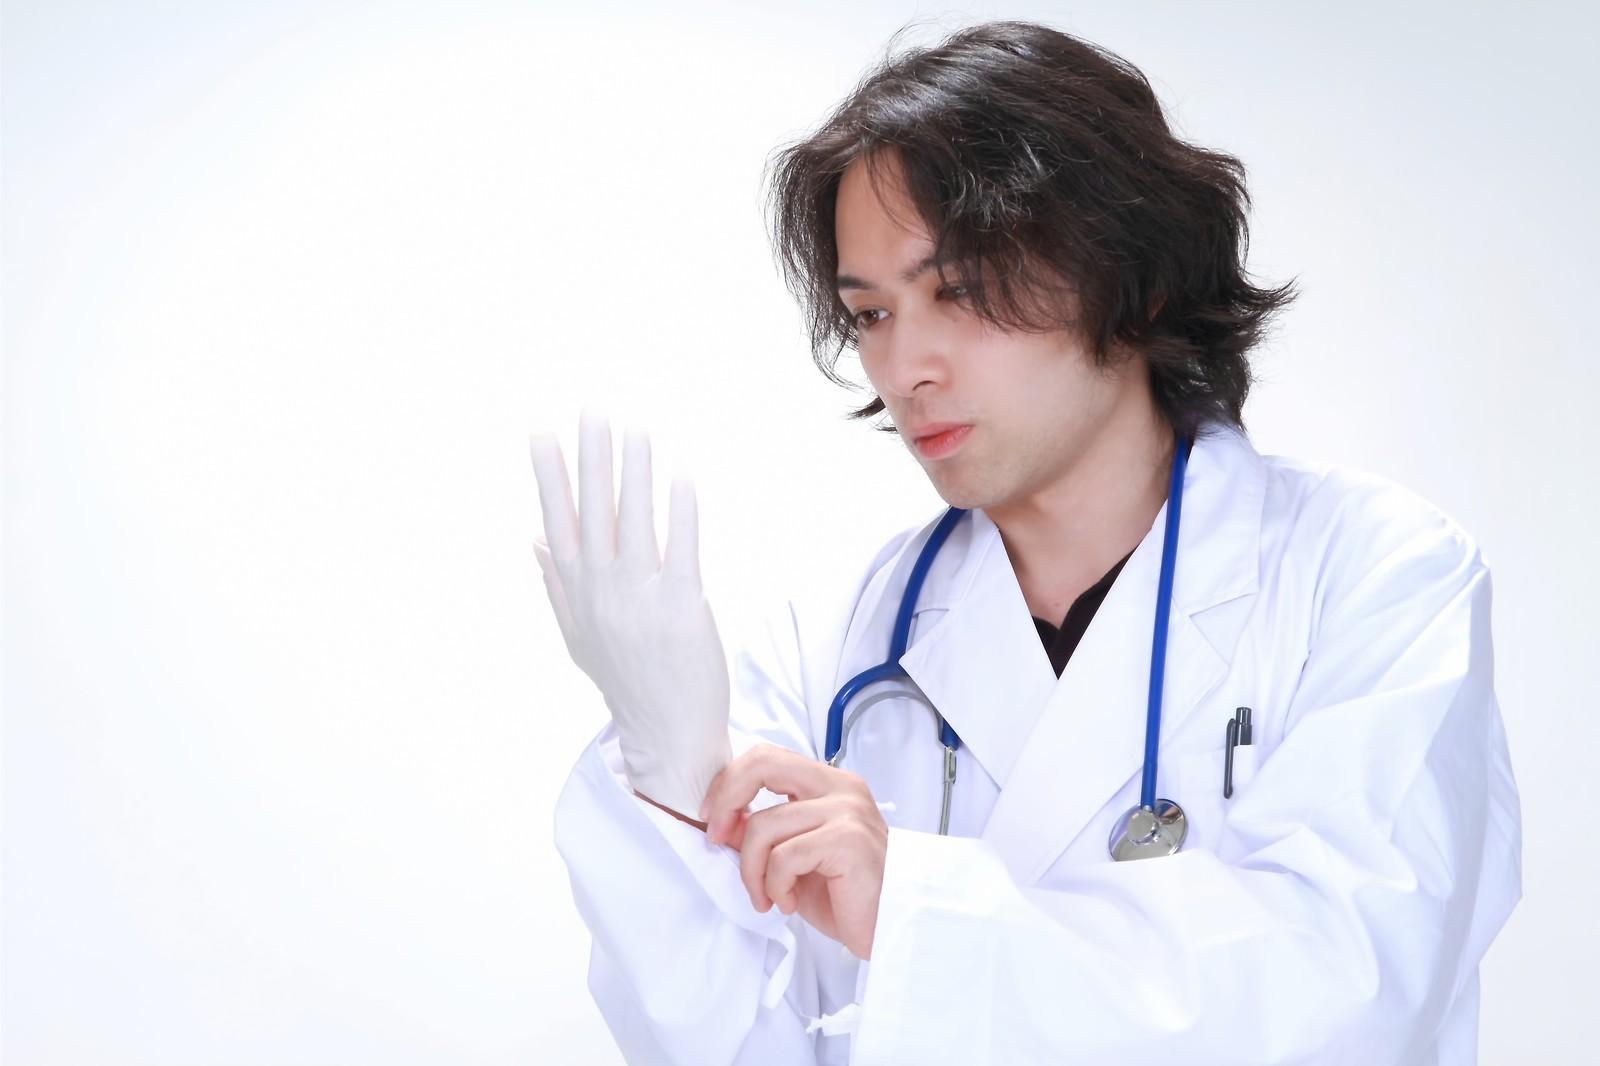 骨盤臓器脱 手術 名医 実績数